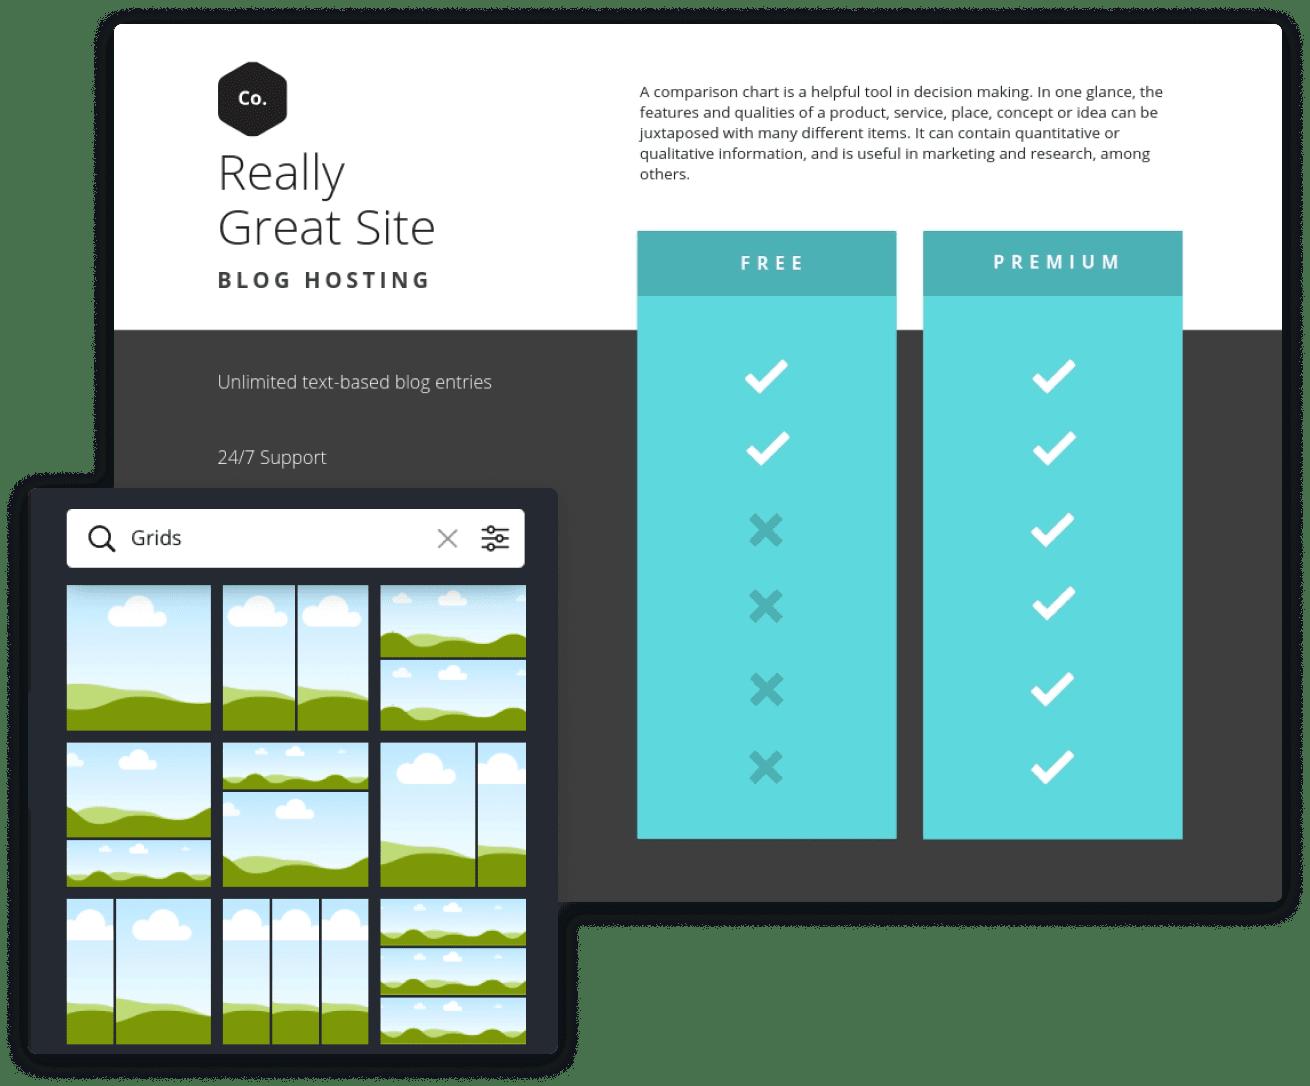 comparaison-chart-grids